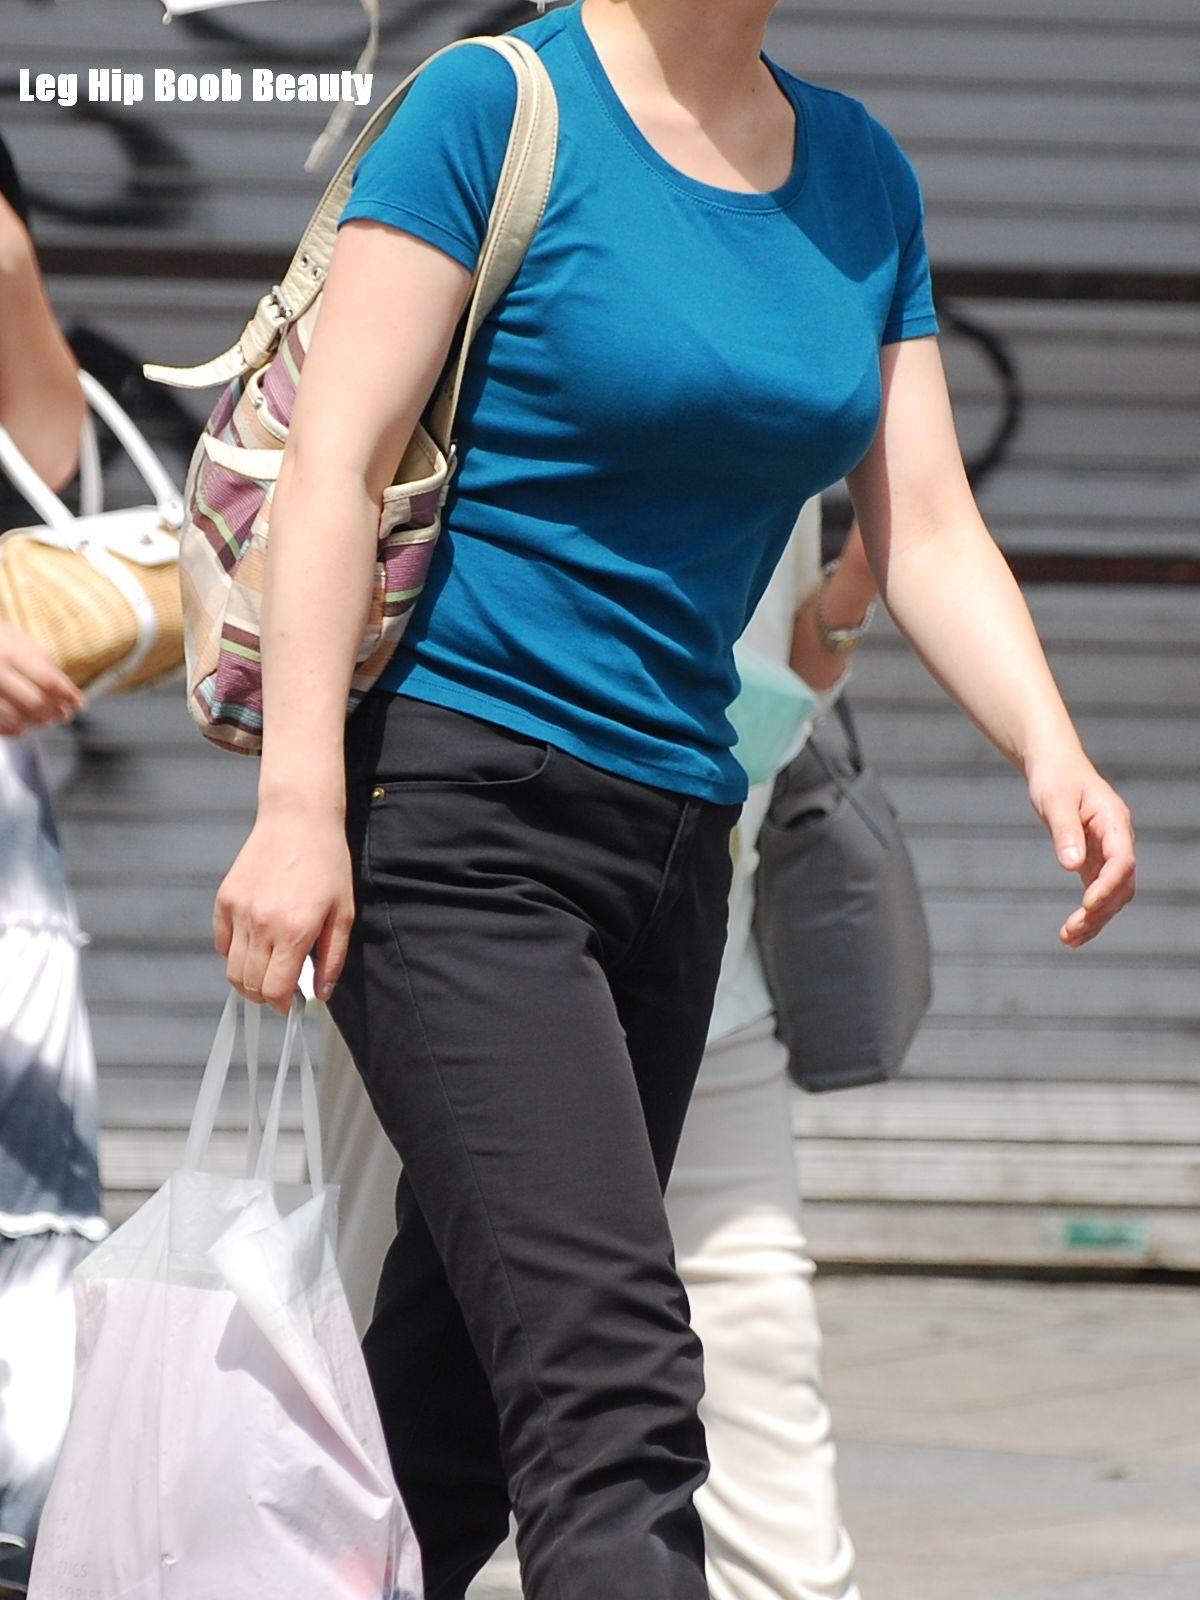 【着衣巨乳エロ画像】デカすぎて隠せない着衣巨乳www街で見かけたインパクト大な素人女子の乳袋  09